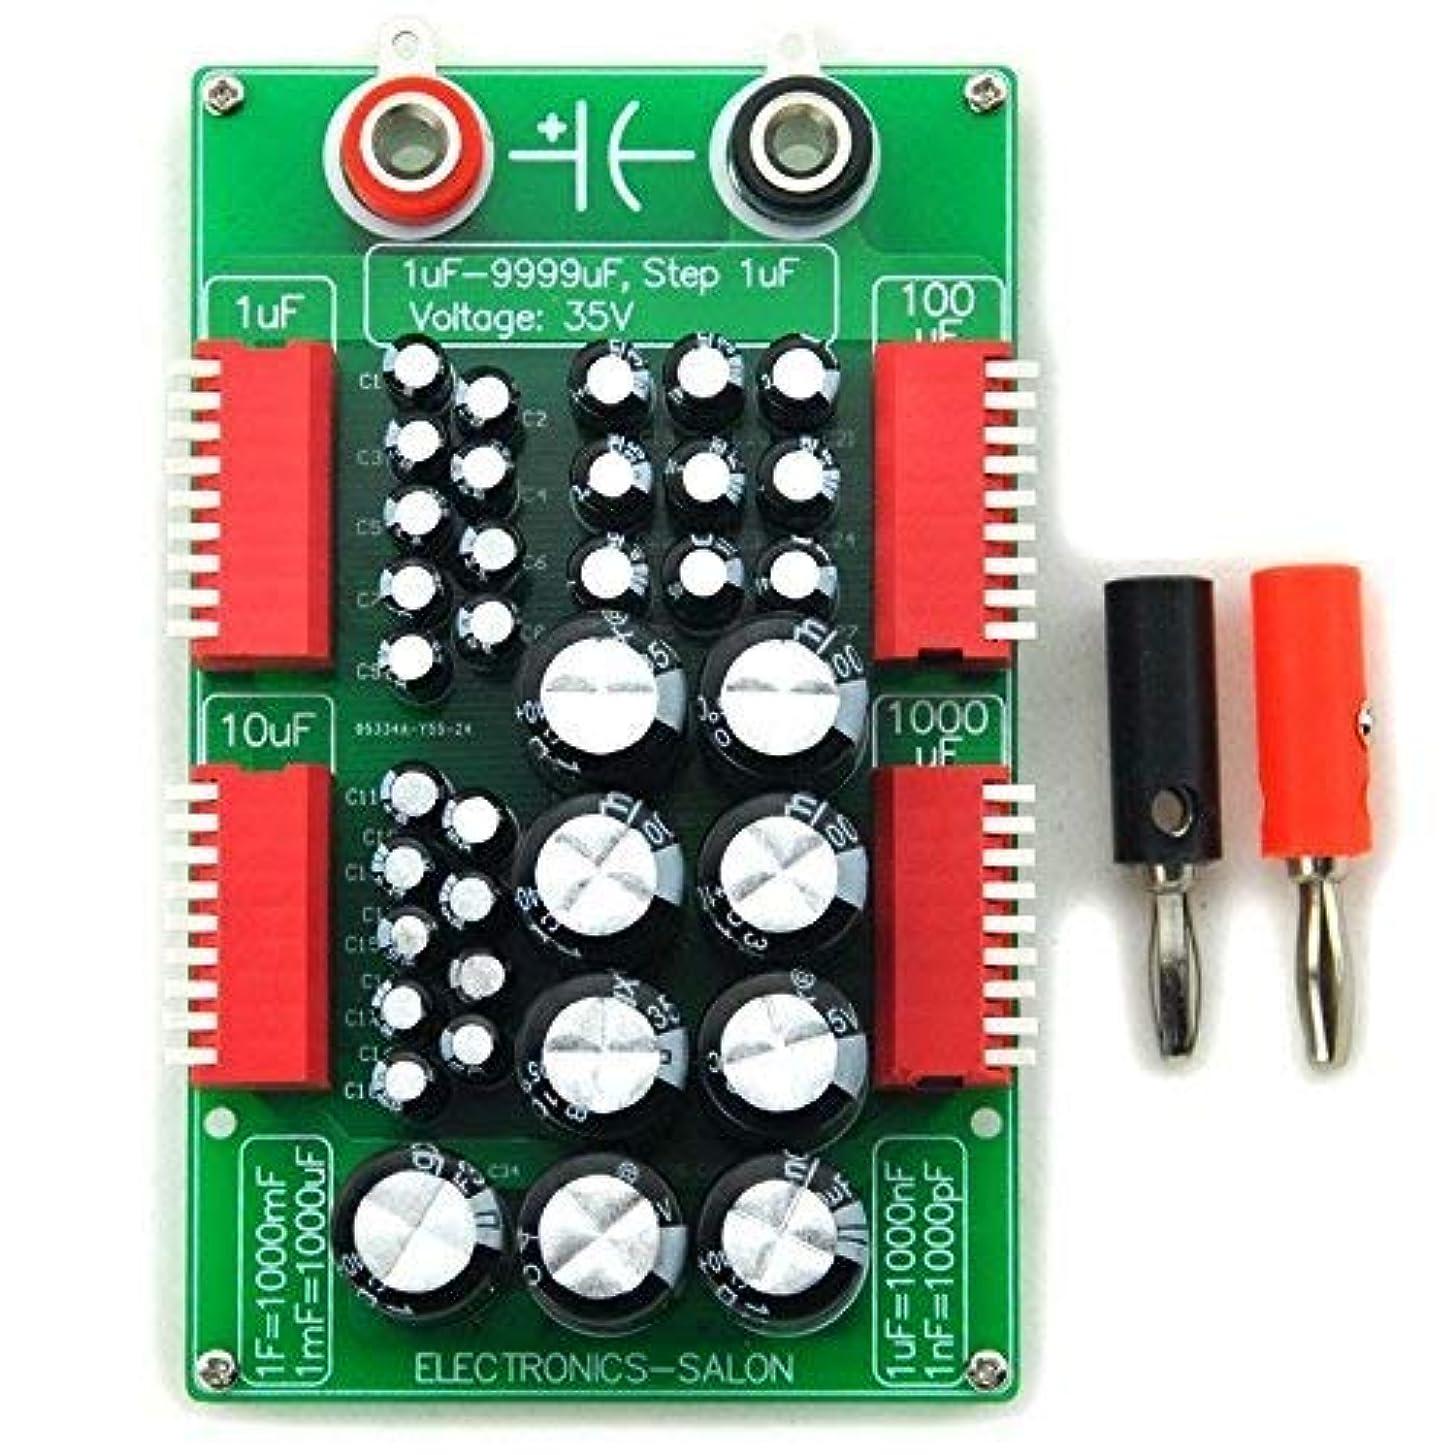 ジャンプ等しいバルクElectronics-Salon 9999ufステップ-1μF 4十年 プログラム可能なコンデンサボードに1UF